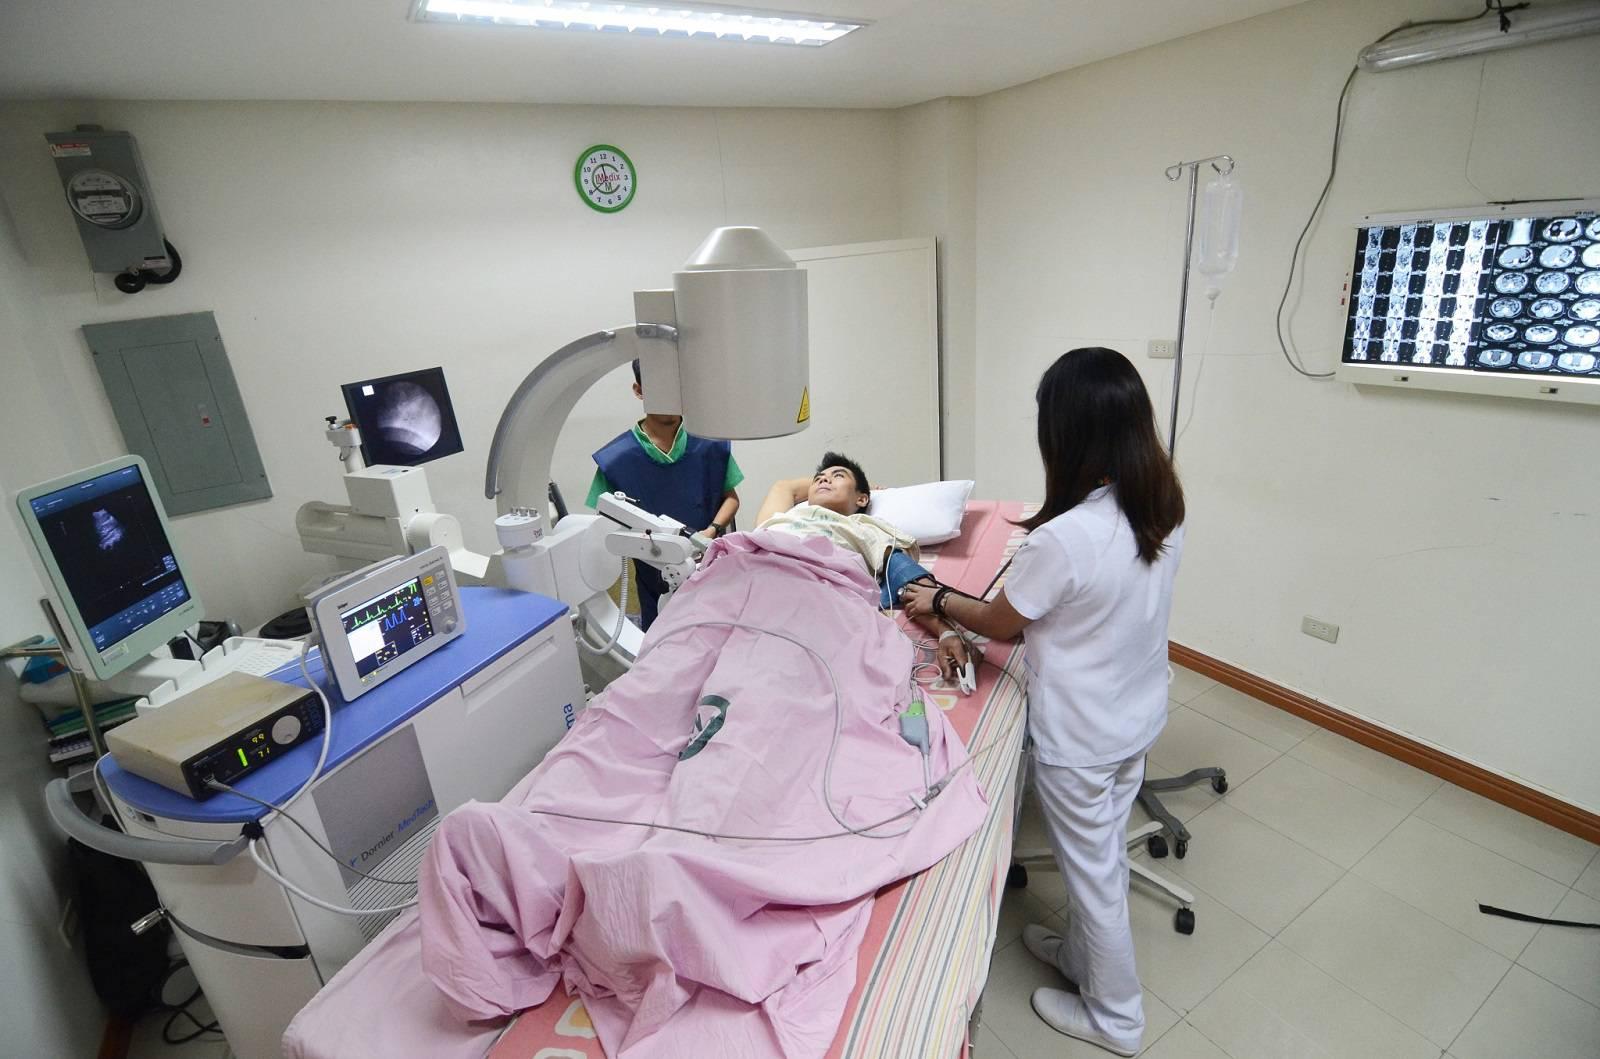 لیتوتریپسی : جراحی سنگ حالب درون اندامی TUL